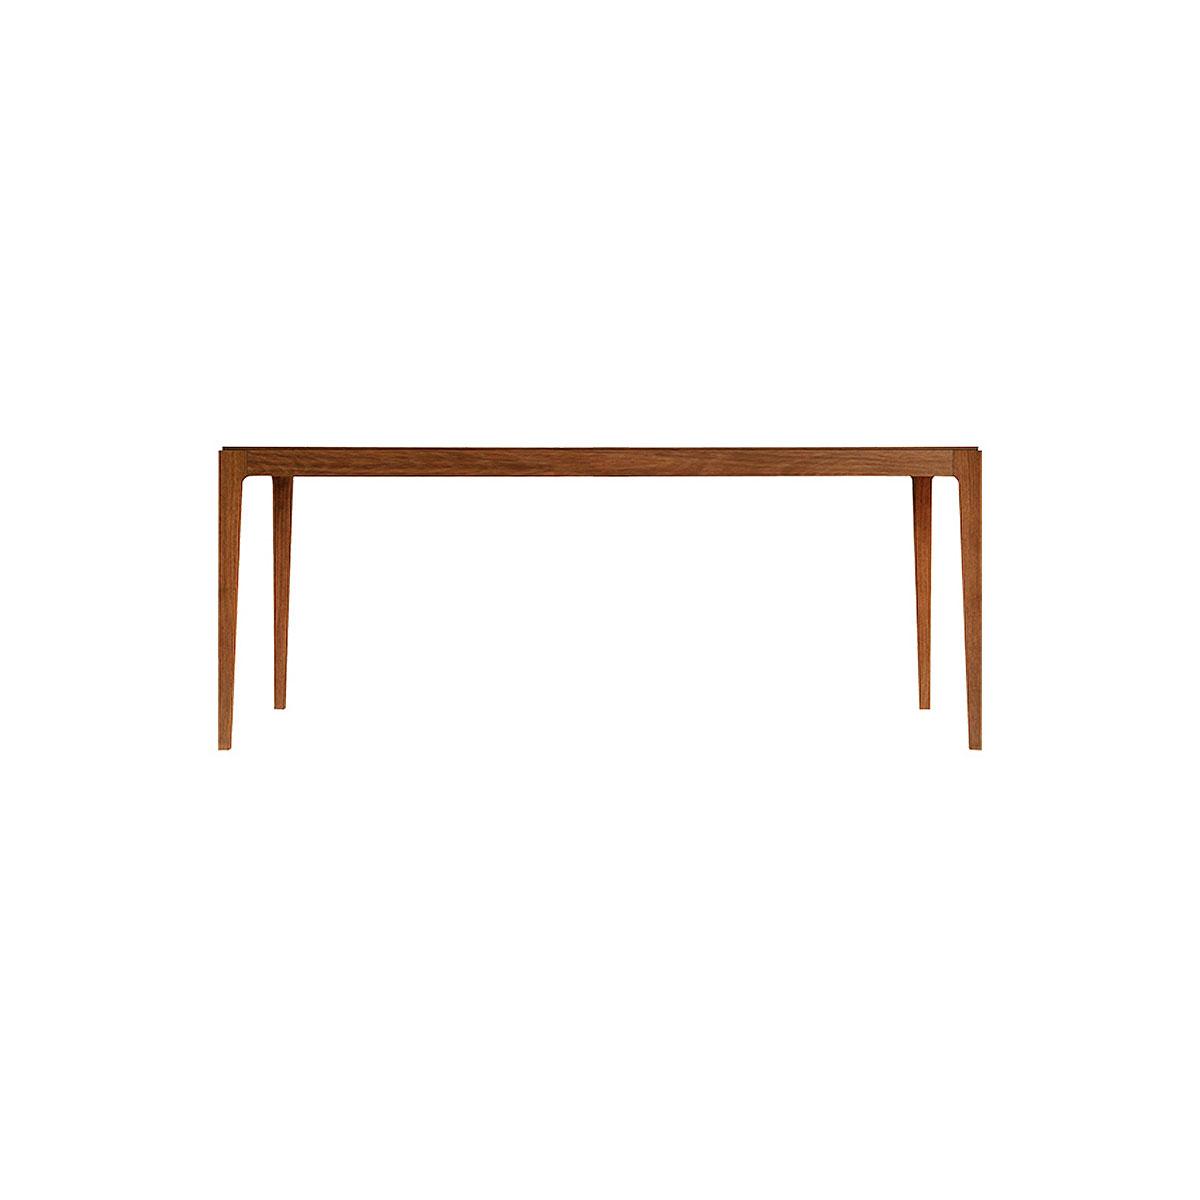 旭川家具 大雪木工 ノールリス ダイニングテーブル 180cm ウォールナット材 新生活 イエナカ